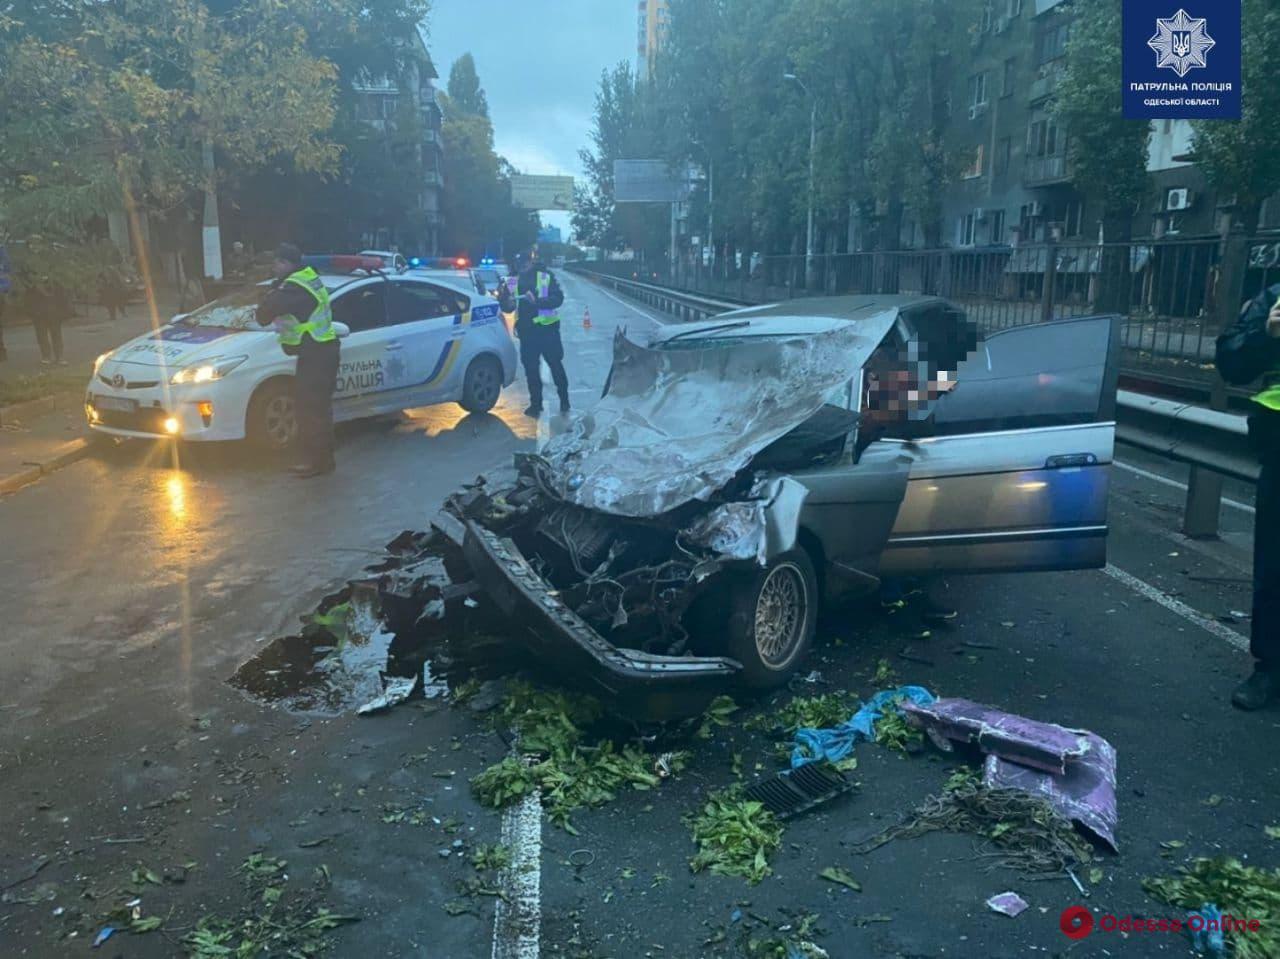 В центре Одессы мужчина угнал BMW и устроил жёсткое ДТП – есть пострадавшая